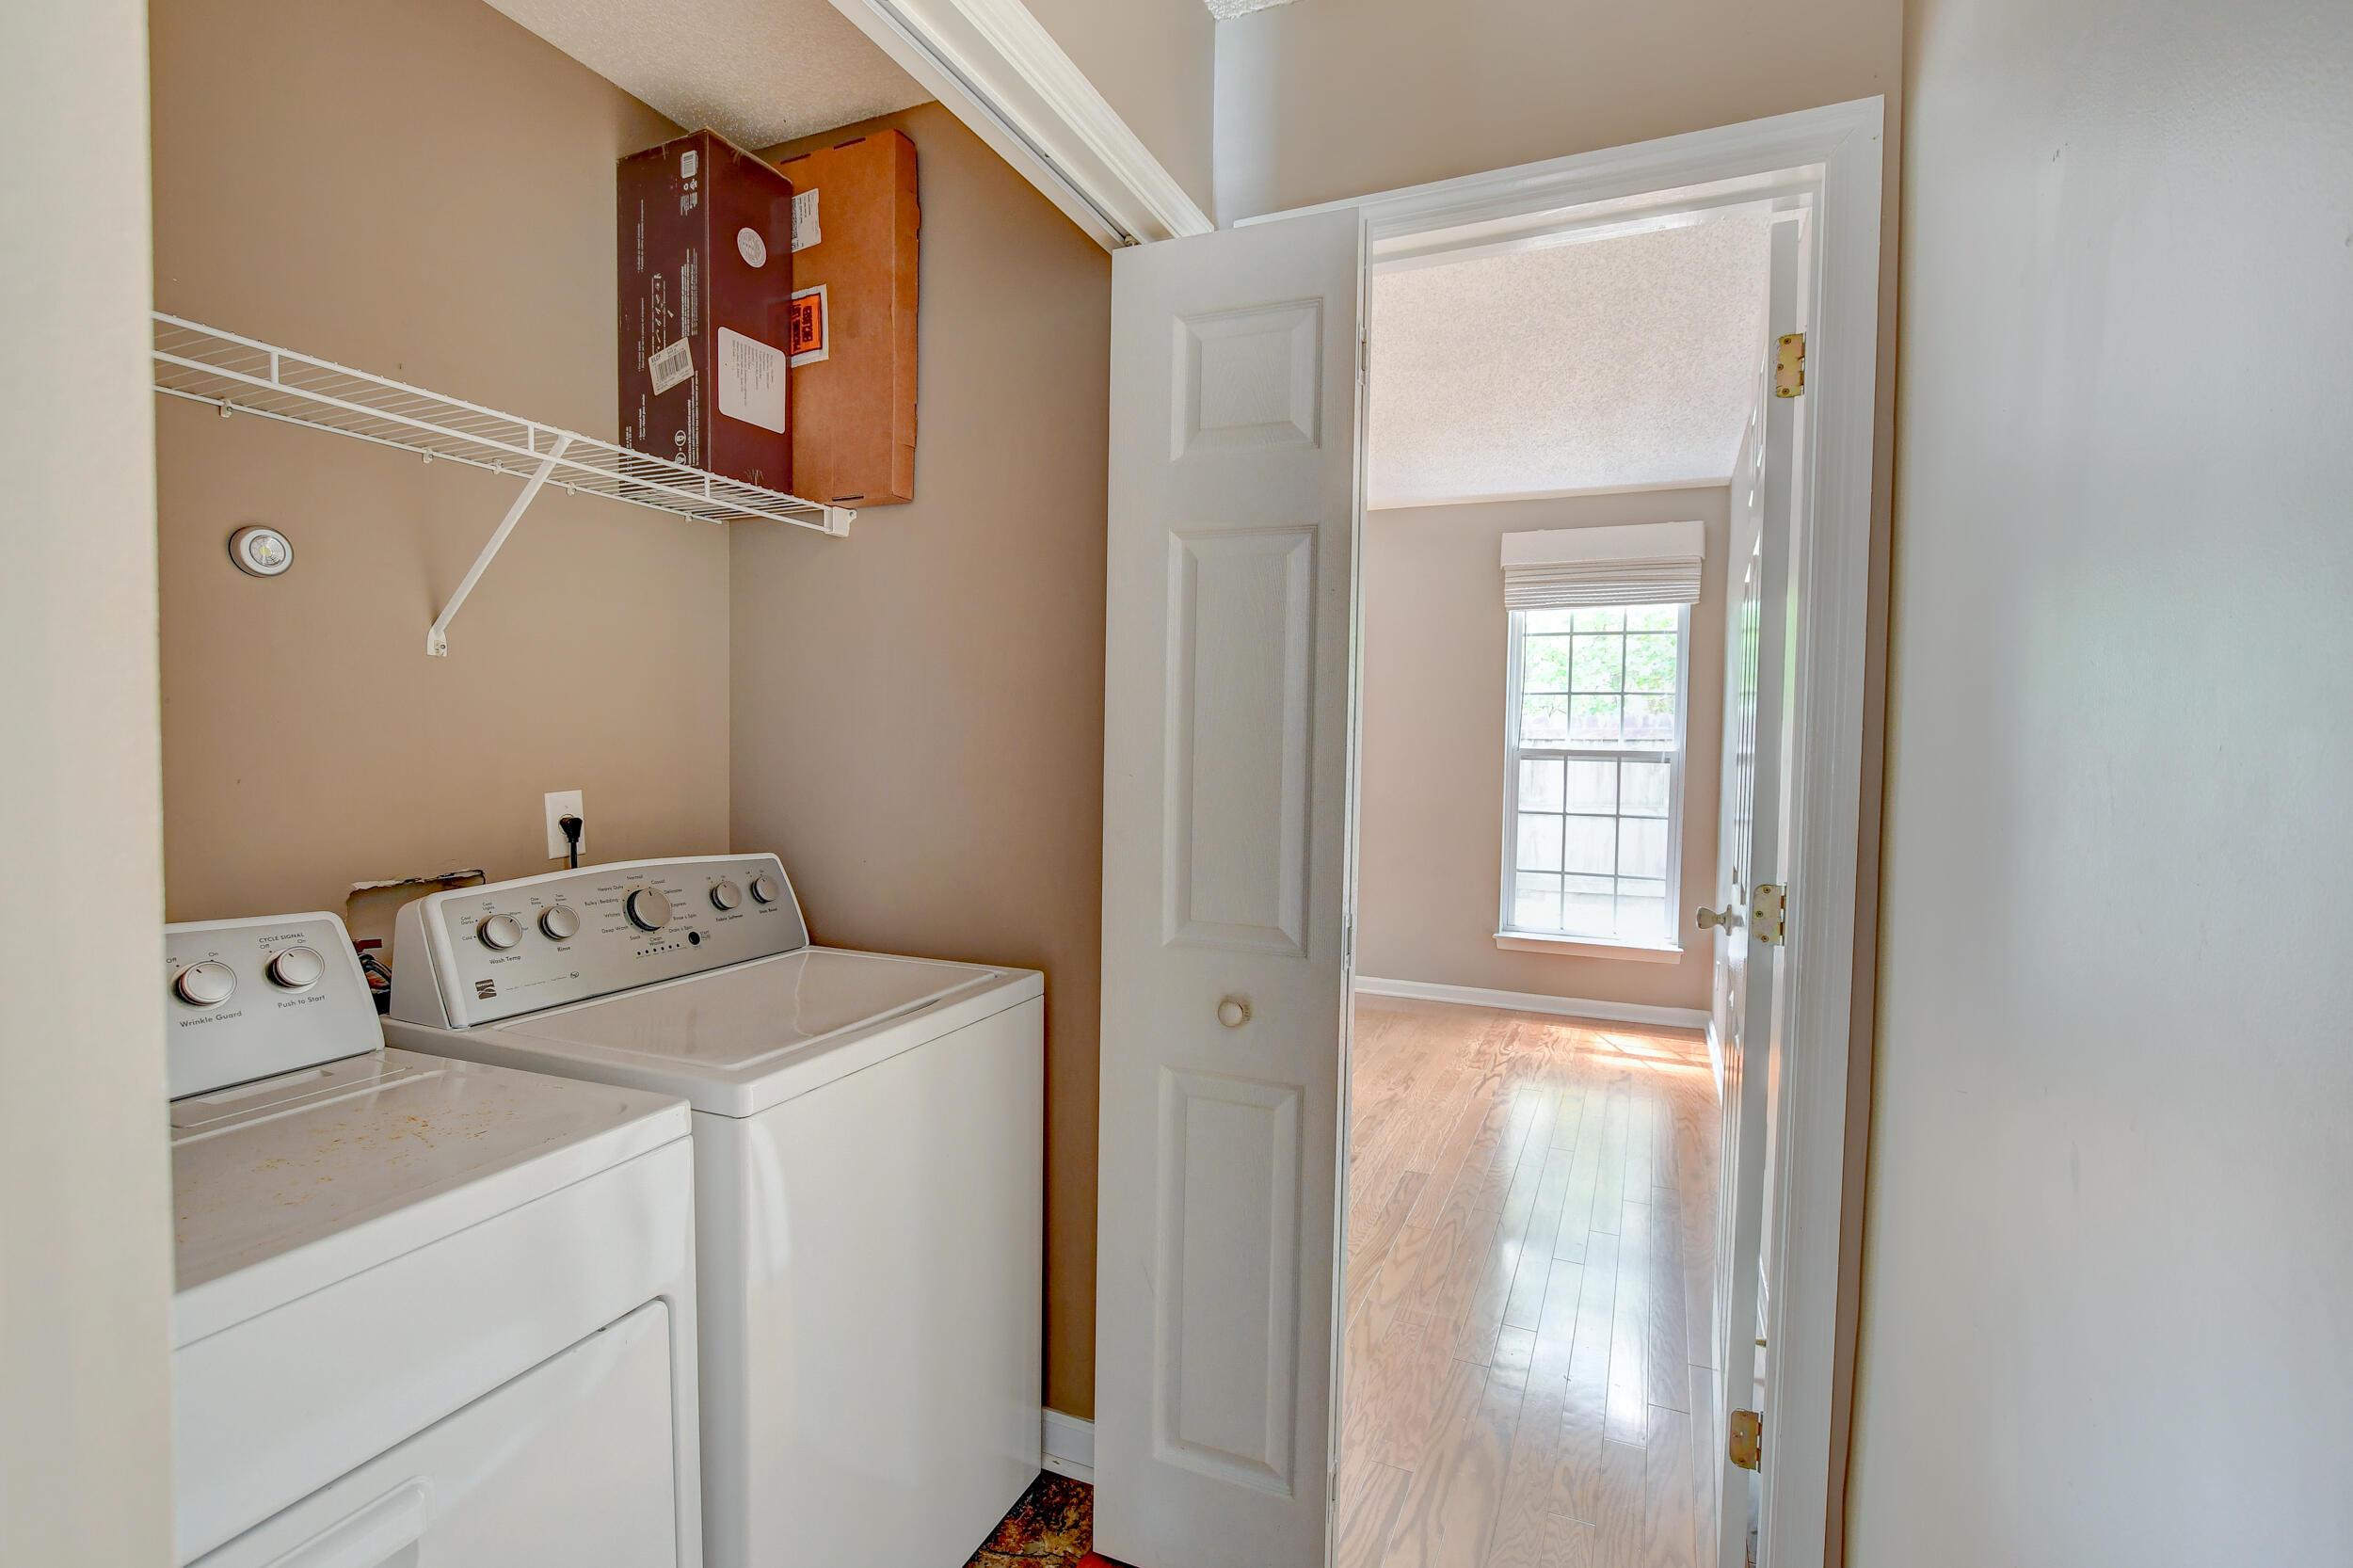 Crowfield Plantation Homes For Sale - 1010 Longview, Goose Creek, SC - 3